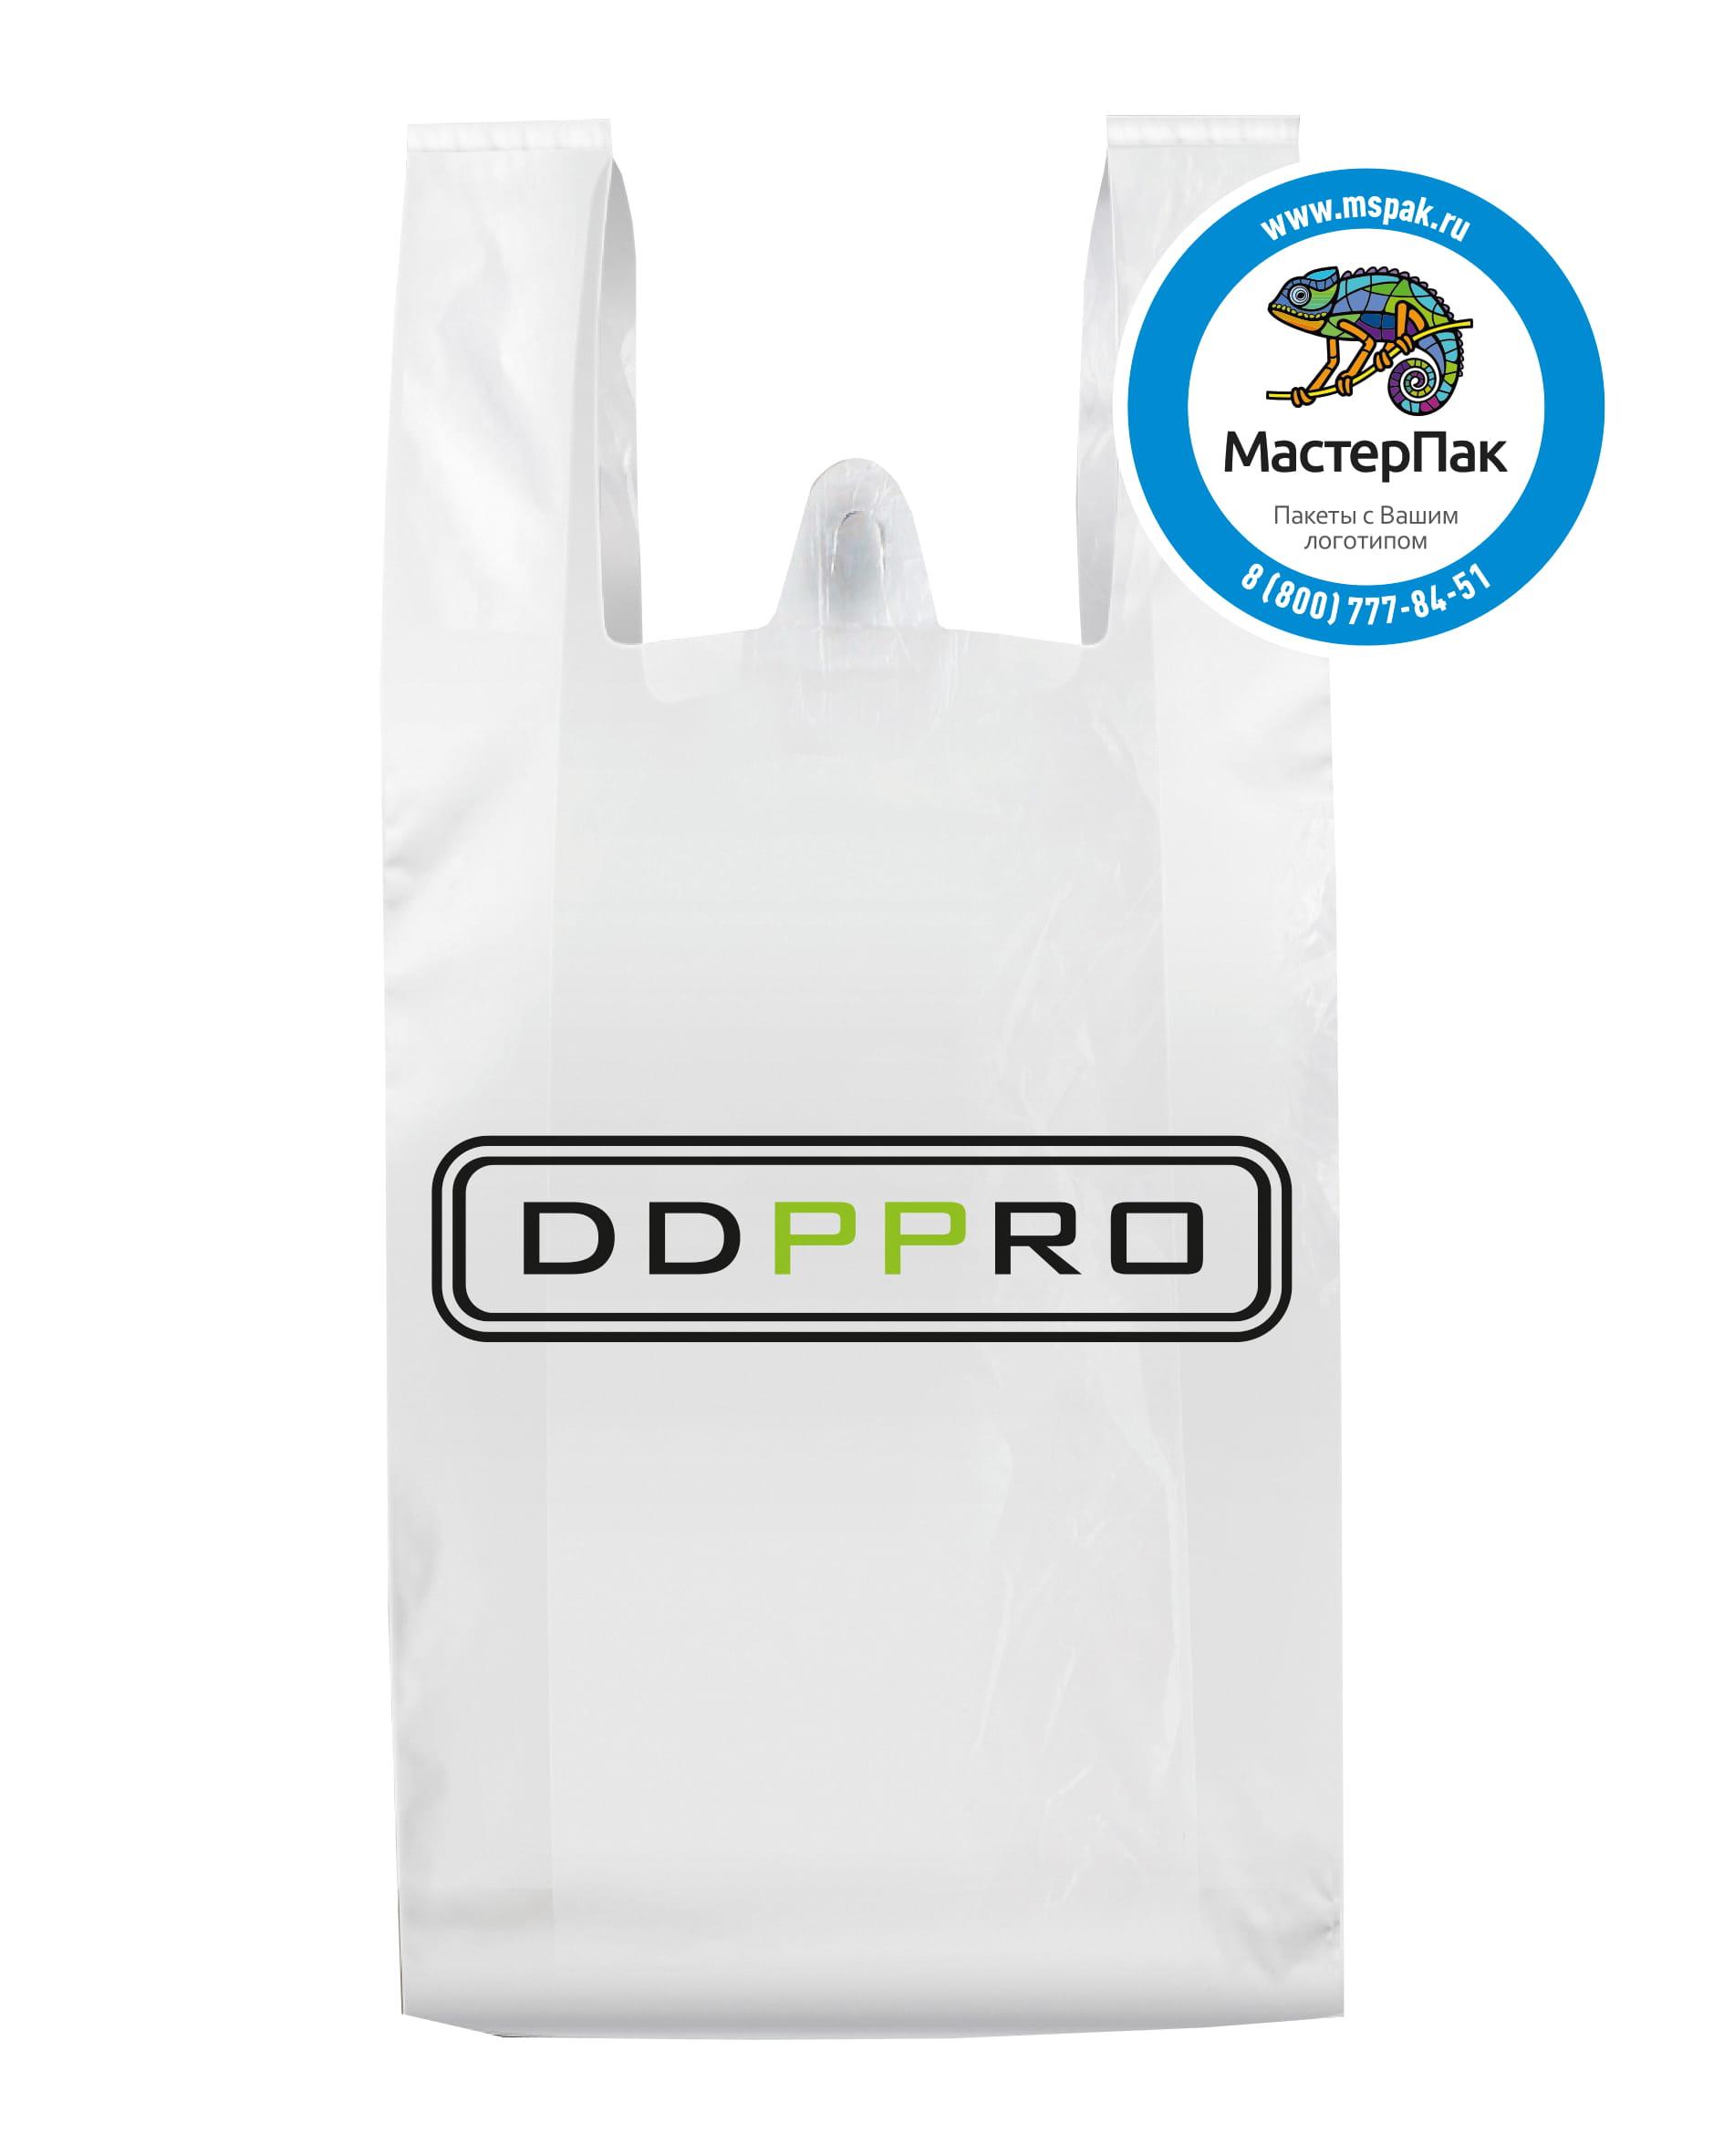 Пакет-майка ПВД с логотипом DDPPRO, Москва, 30 мкм, 40*60 см